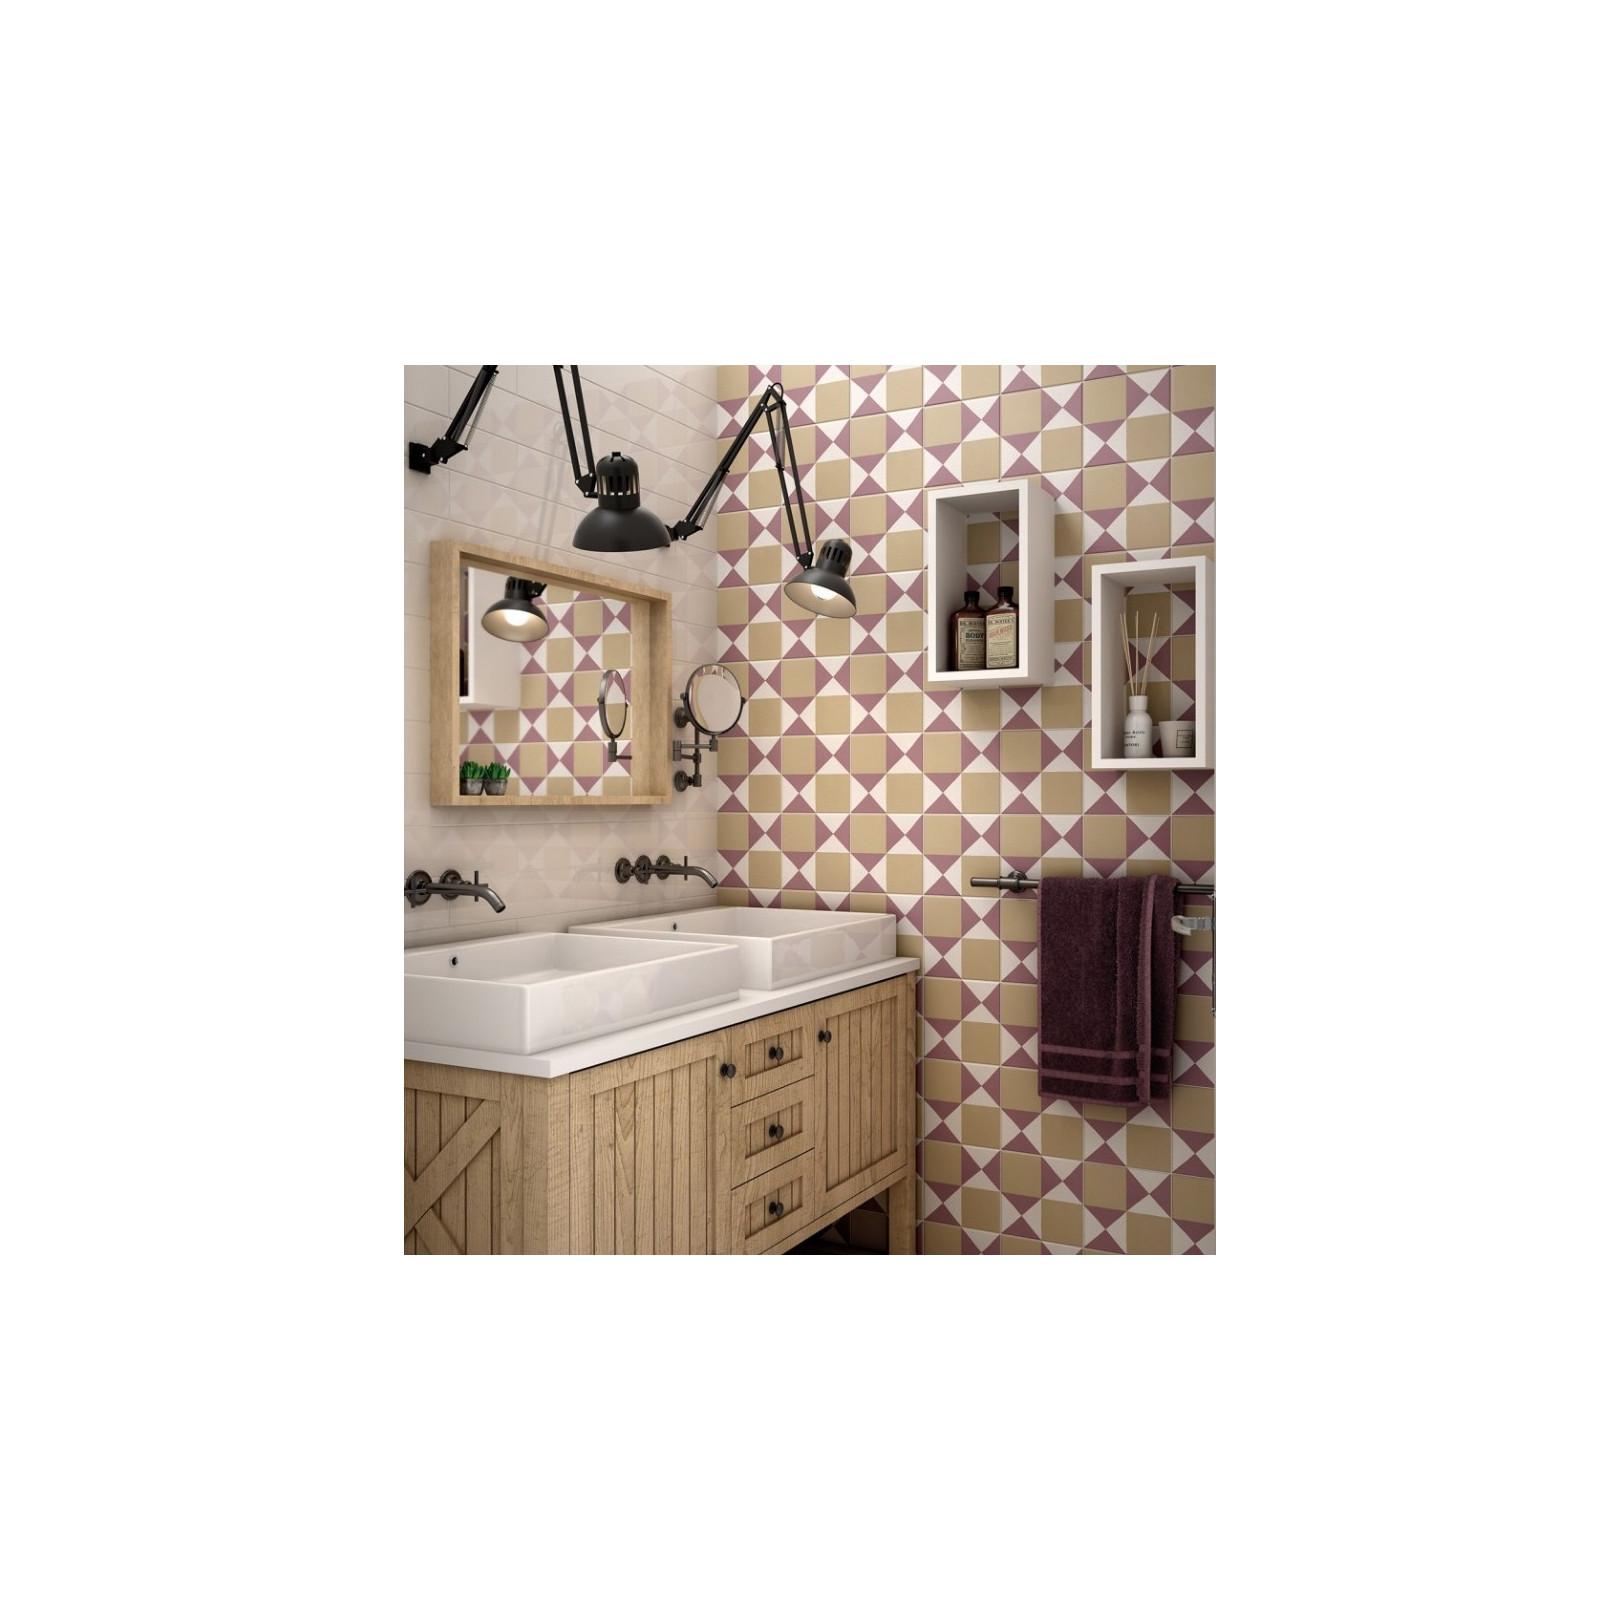 carrelage gr s c rame effet carreau ciment caprice deco colours chess casalux home design. Black Bedroom Furniture Sets. Home Design Ideas